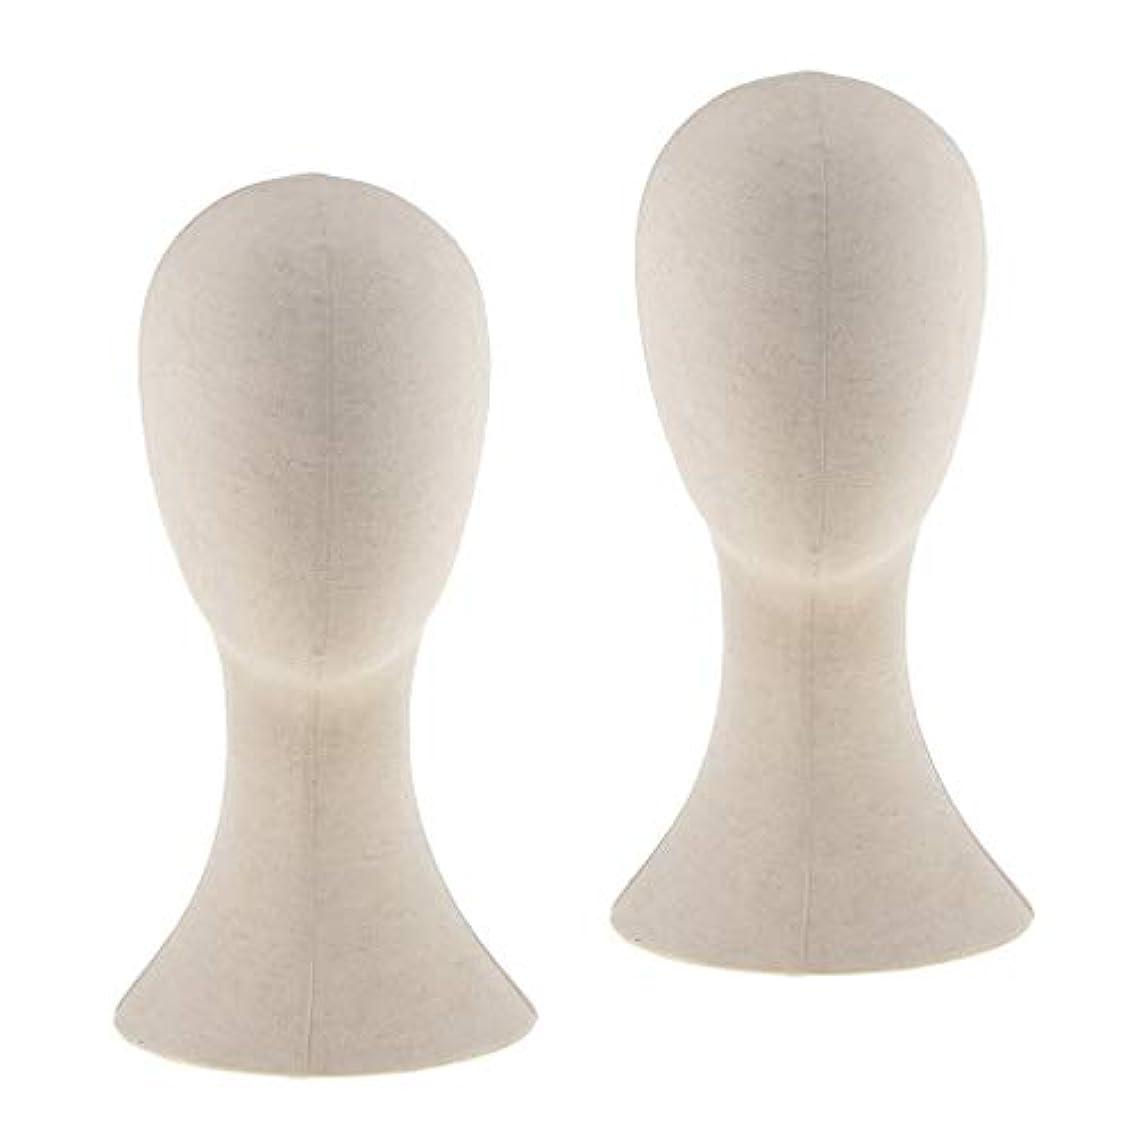 インタラクションペース召喚するDYNWAVE マネキンヘッド ウィッグスタンド練習 頭部 女性ウィッグマネキン ディスプレイ 帽子スタンド 2個入り